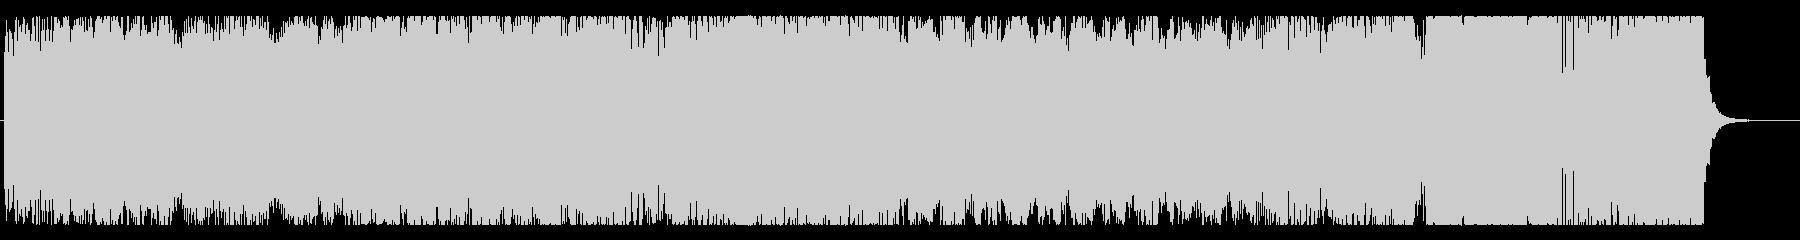 メタル調バチバチ戦闘BGMの未再生の波形